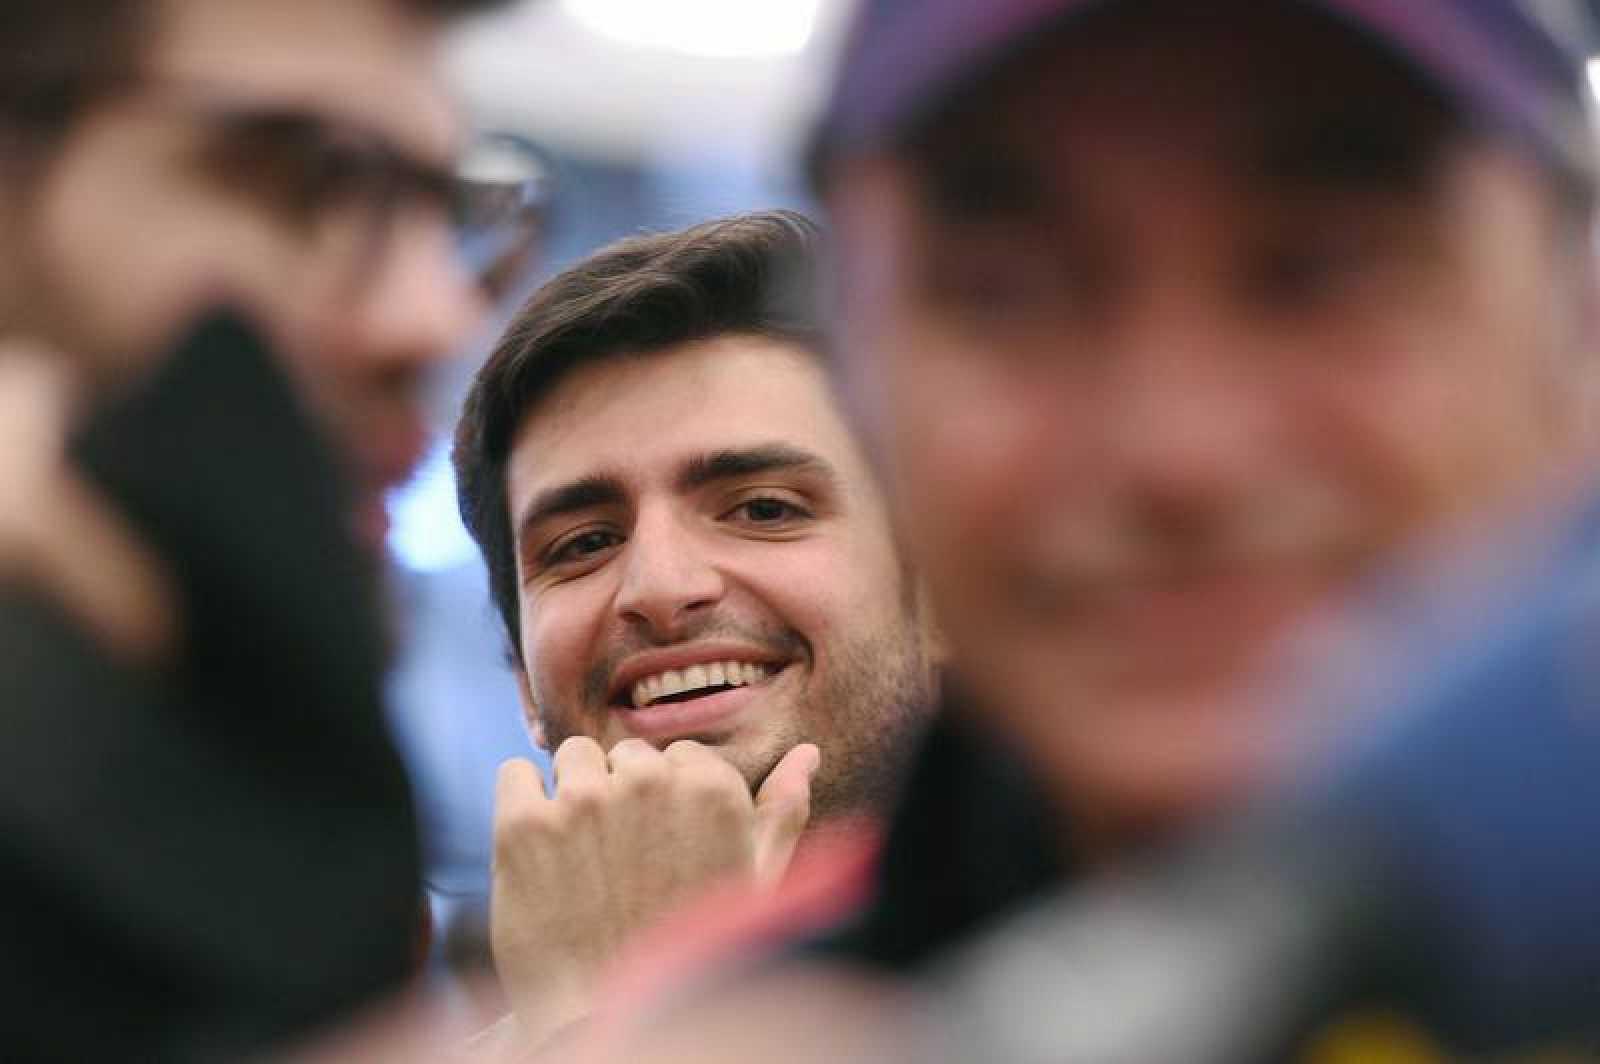 El piloto Carlos Sainz Jr, hijo del piloto Carlos Sainz, ganador del Dakar 2018.